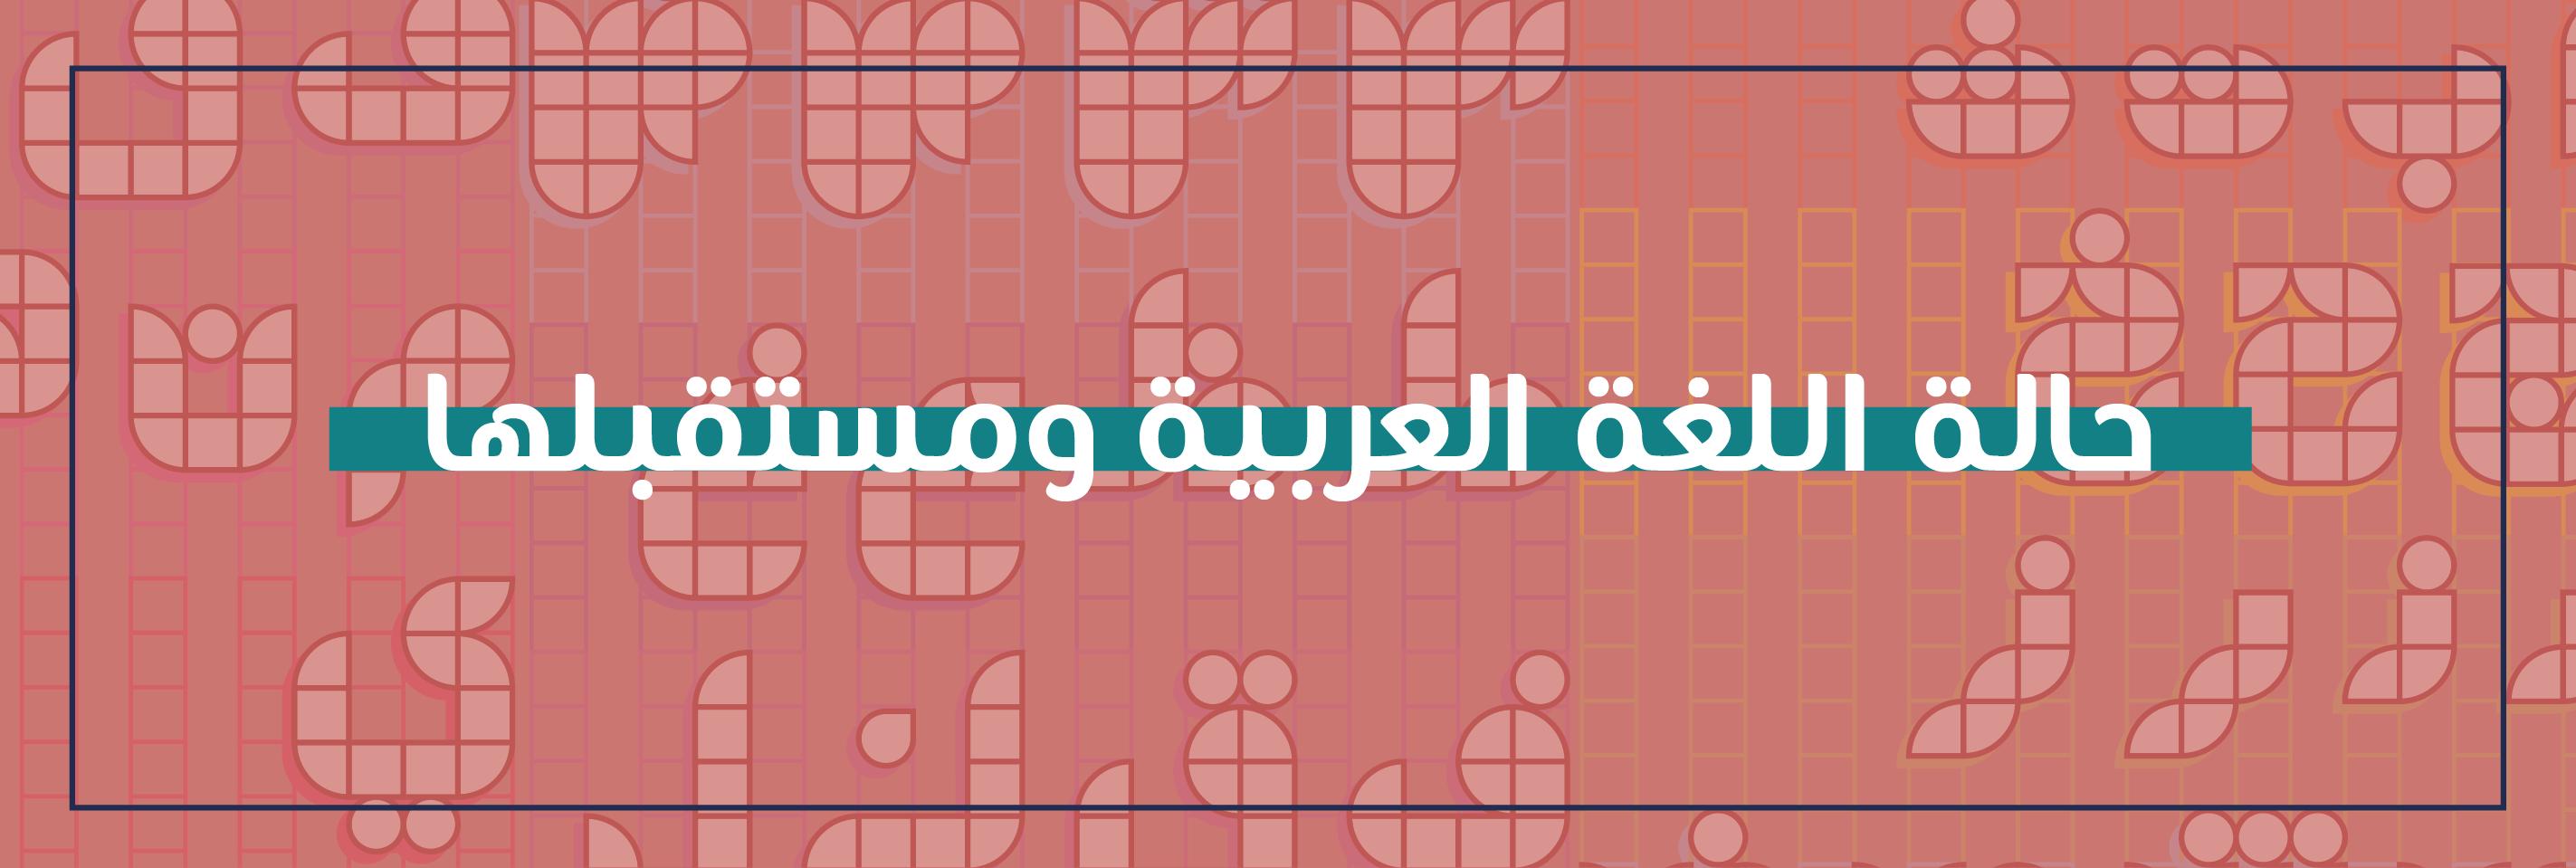 تقرير حالة اللغة العربية ومستقبلها